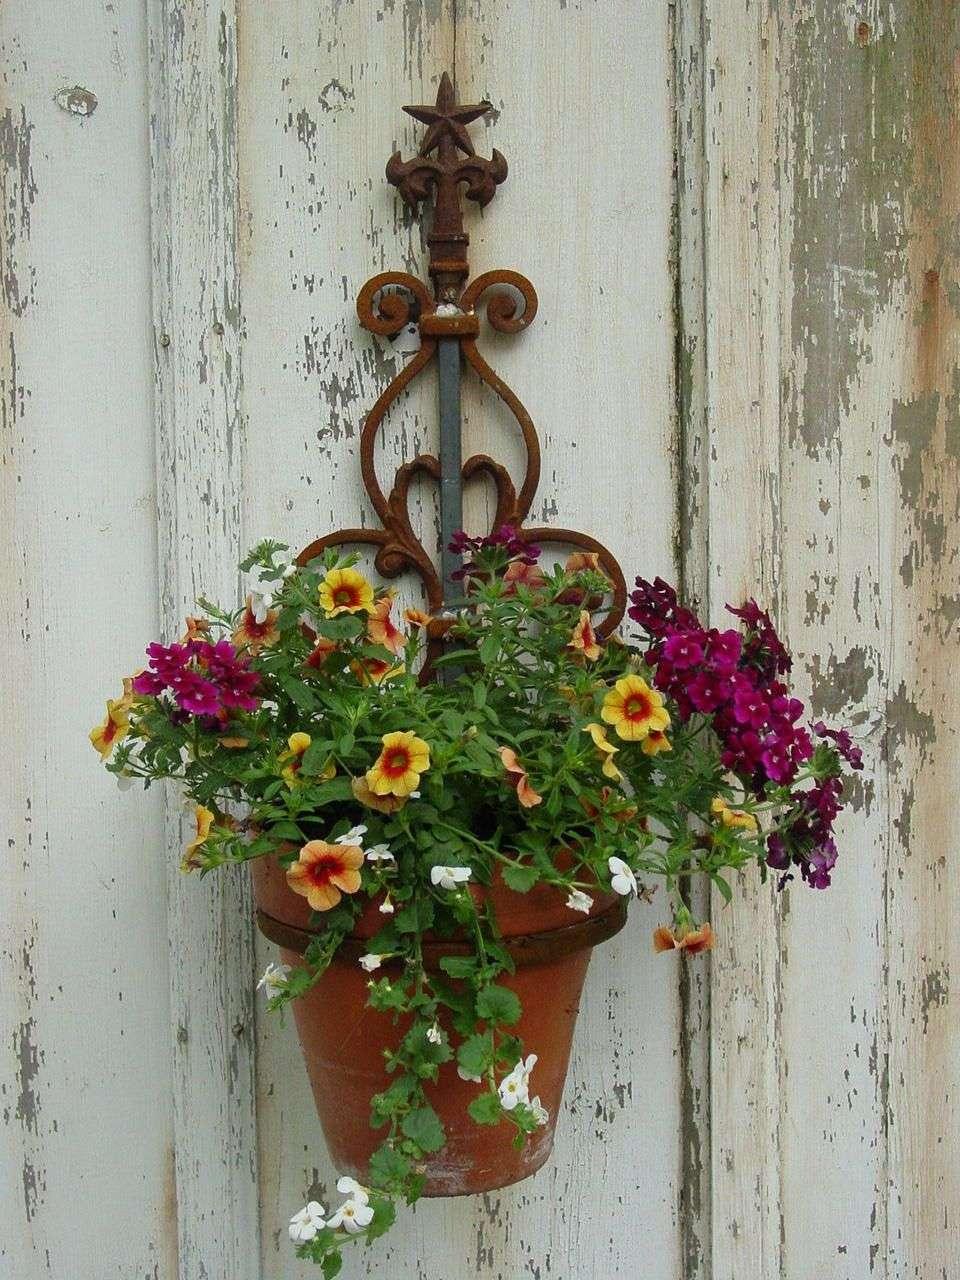 Ковані підставки для квітів (47 фото): гідна опора прекрасного